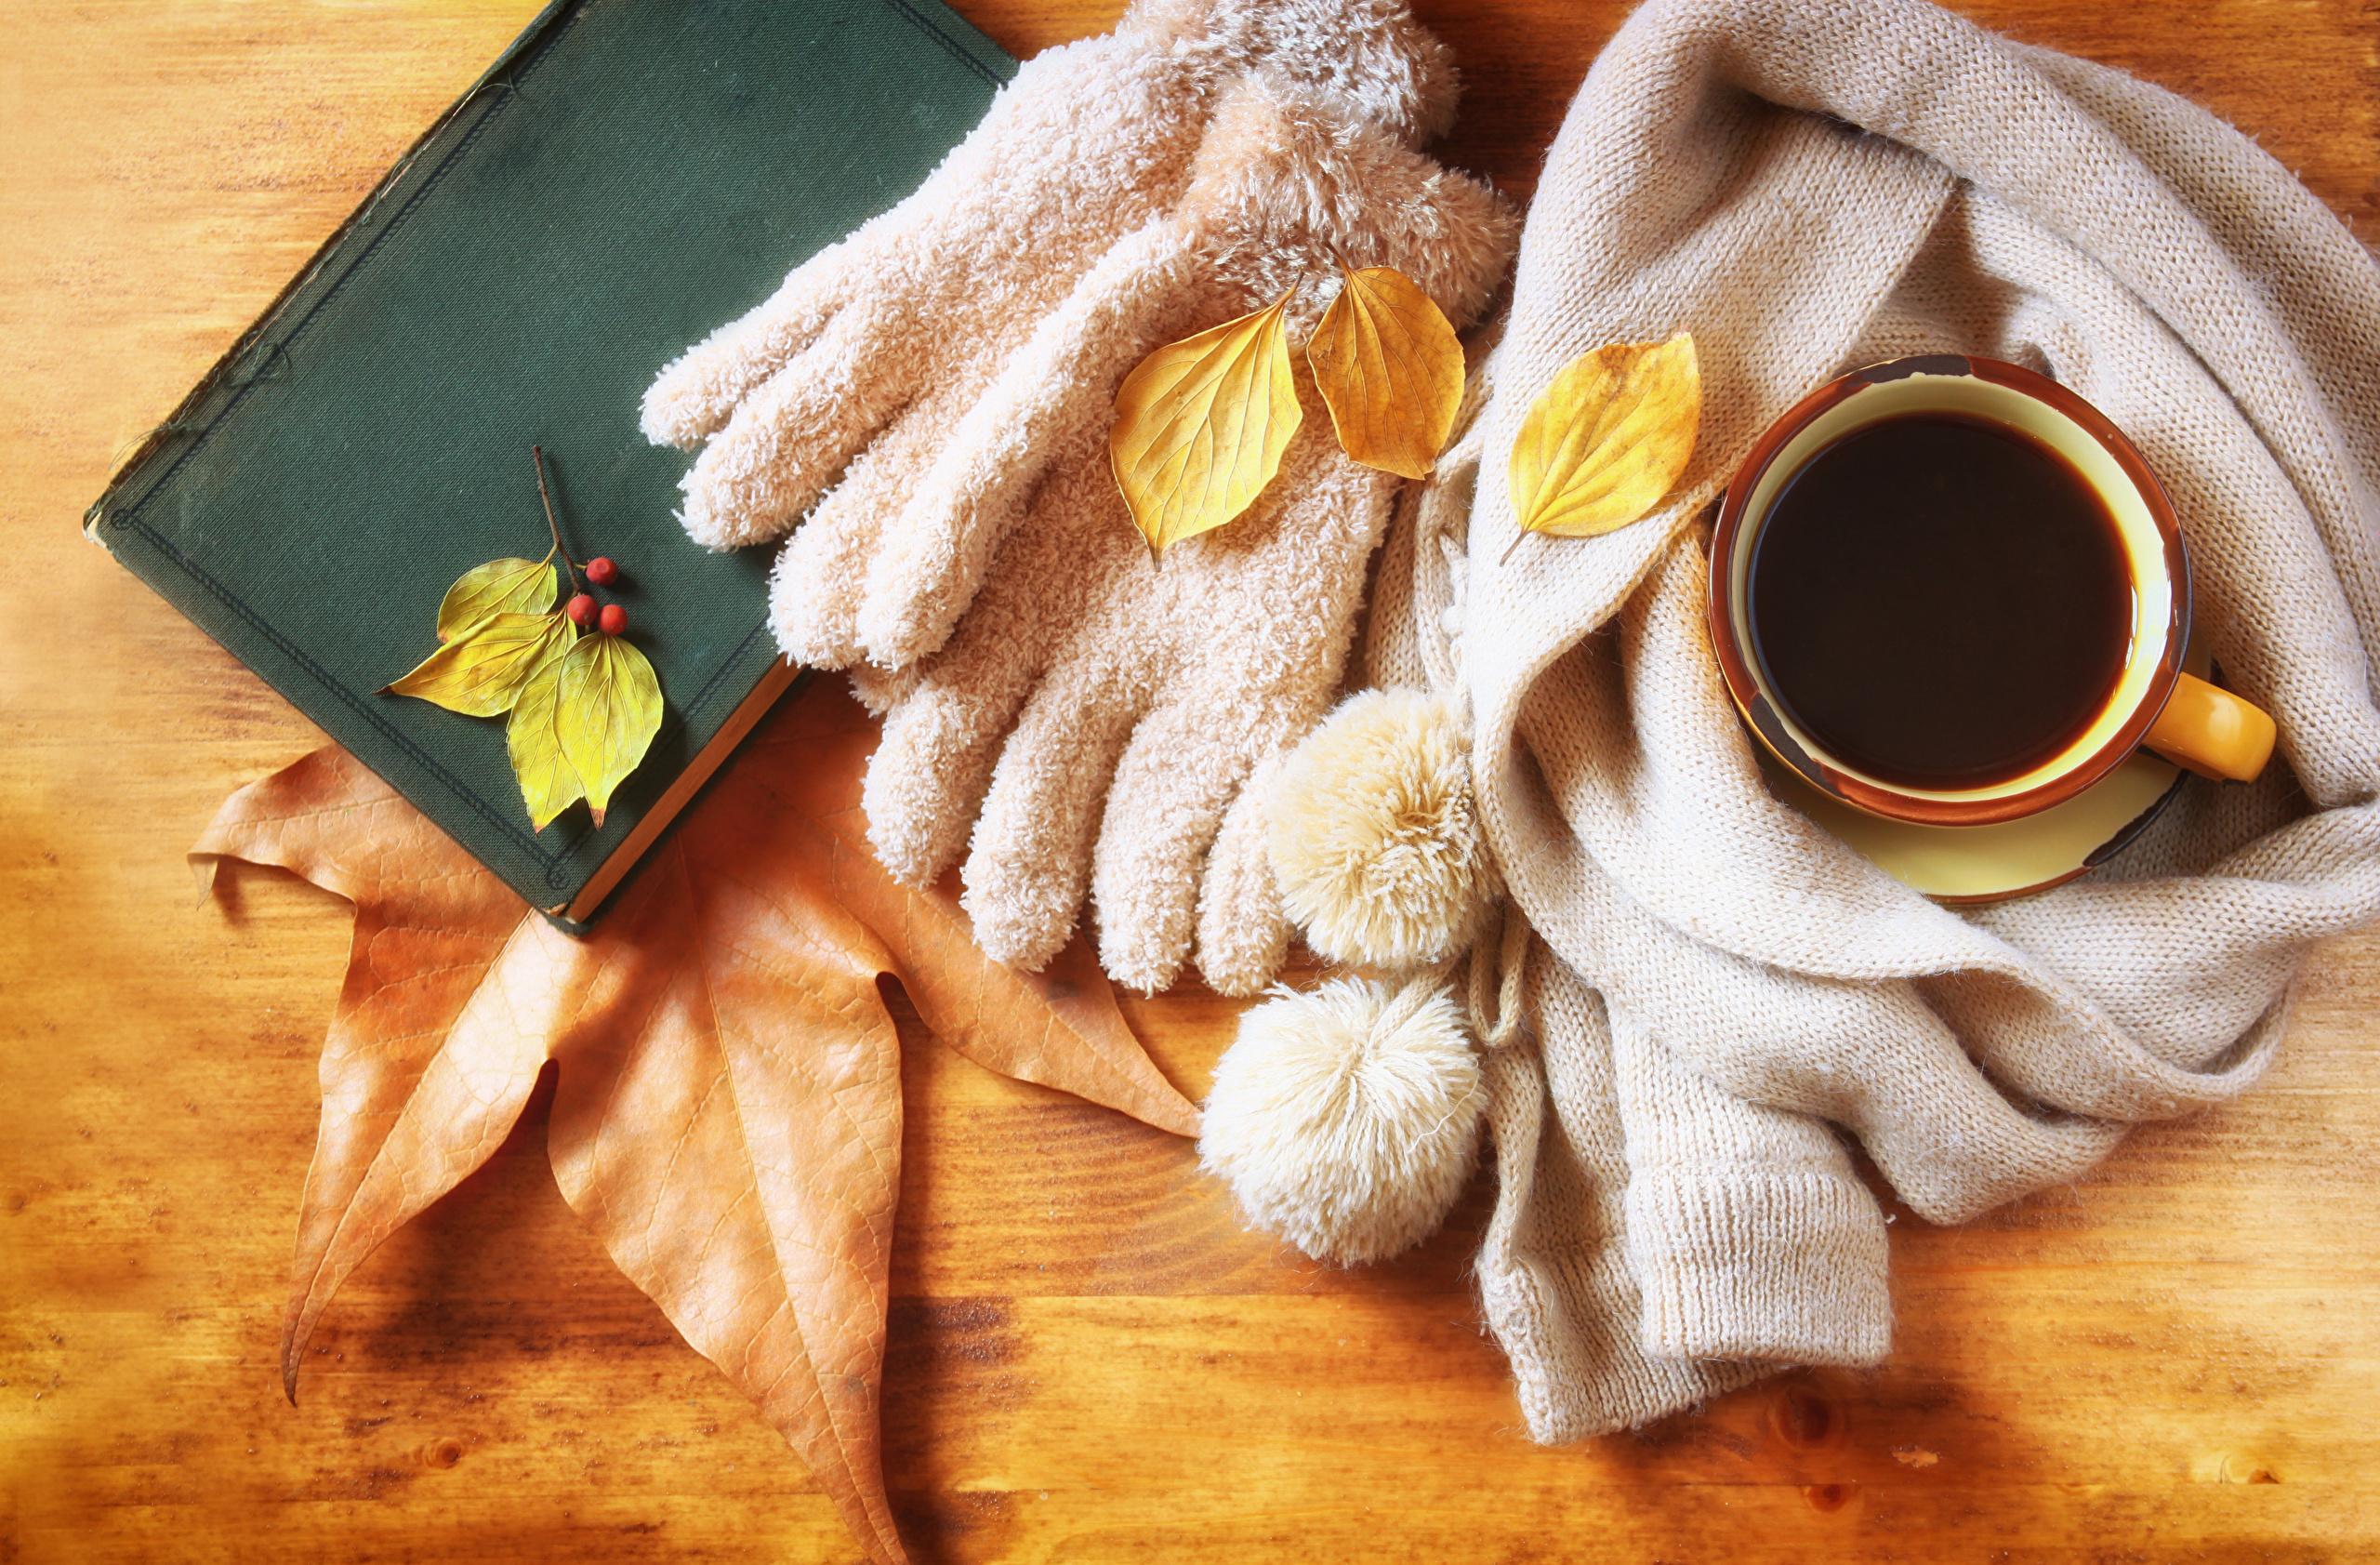 Обои на рабочий стол осень кофе уют